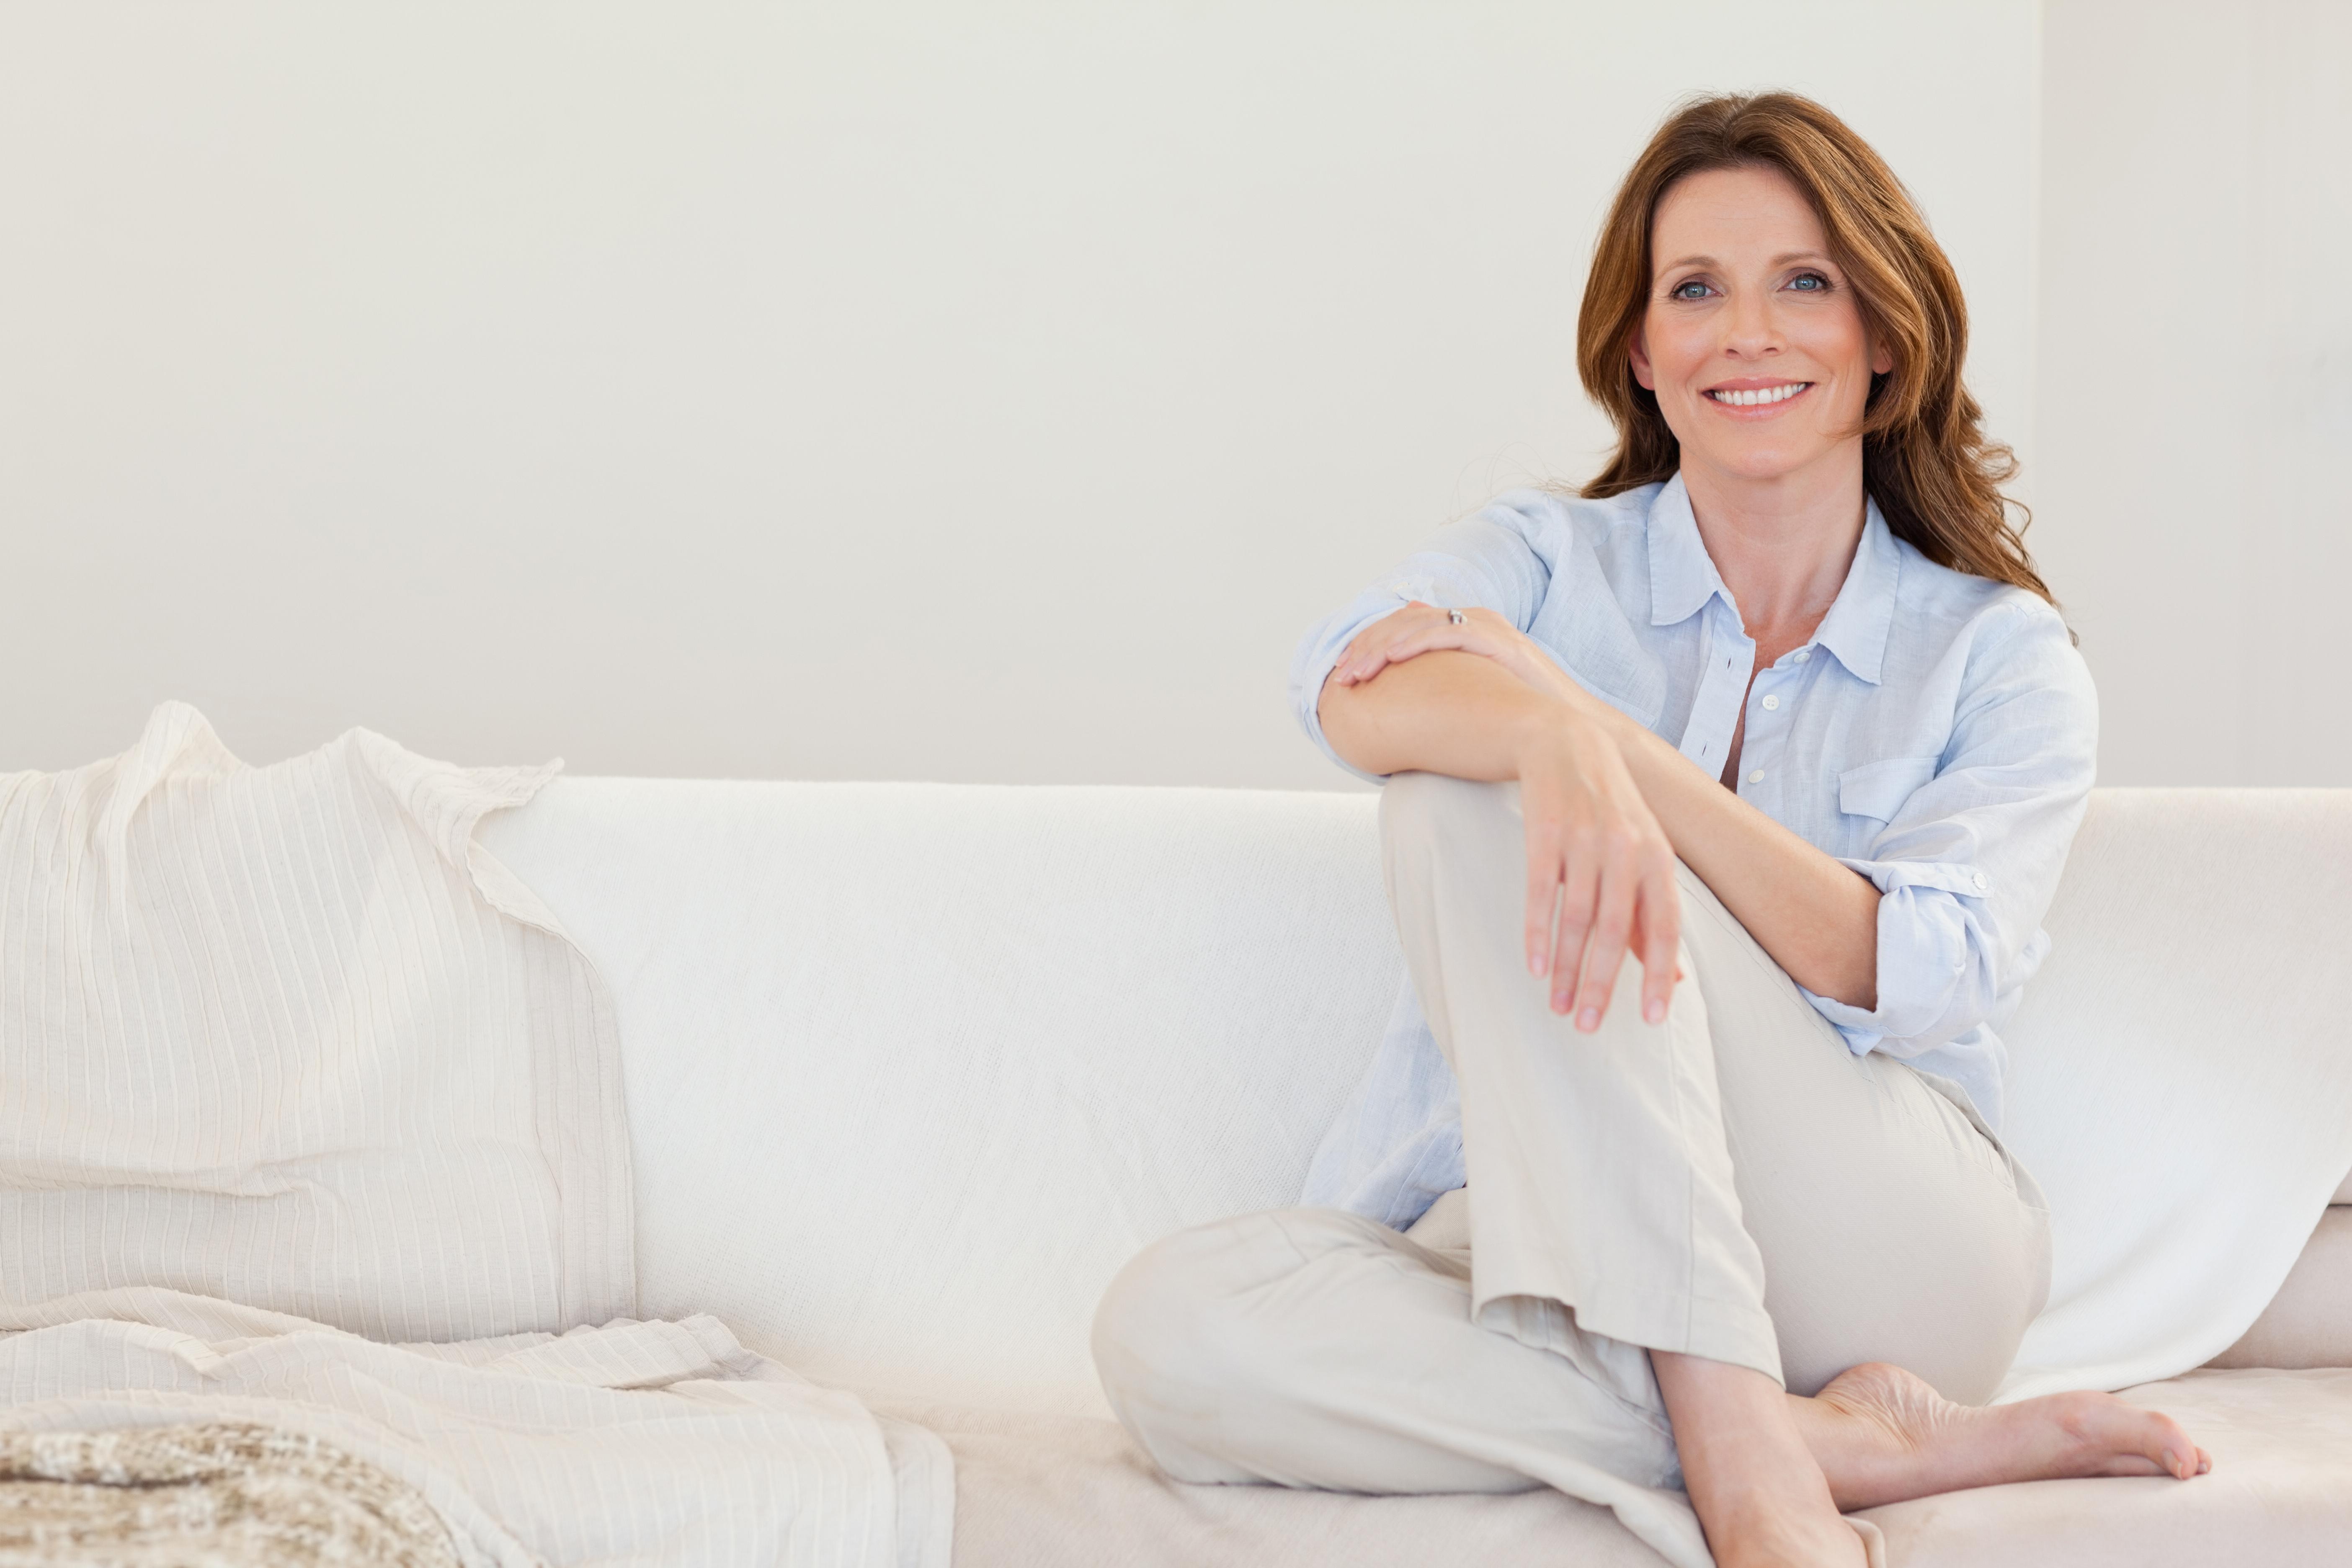 todo lo que debes saber sobre implantes dentales